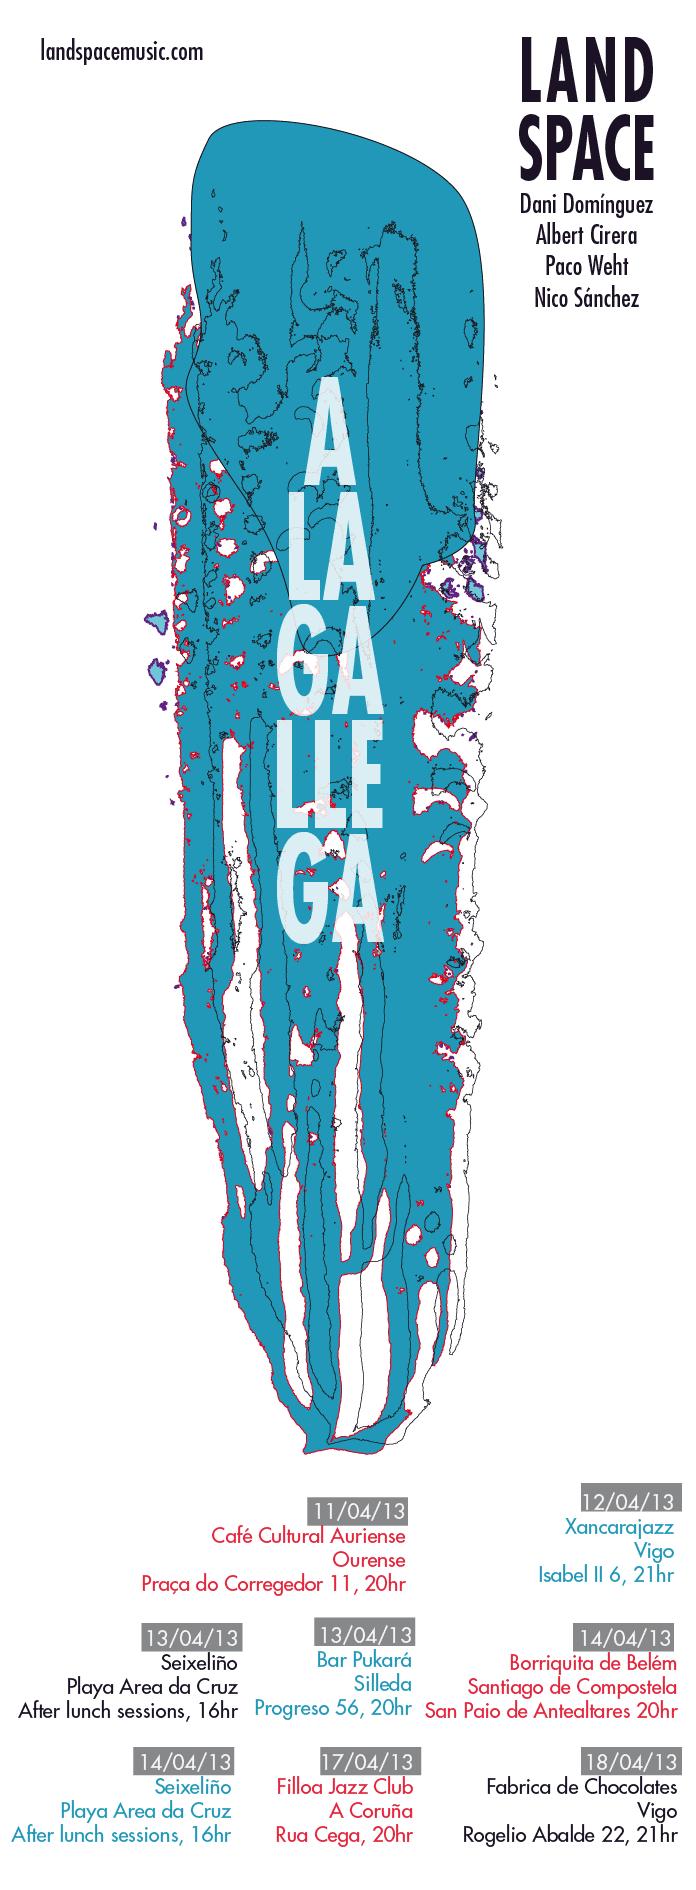 cartel-galicia-01